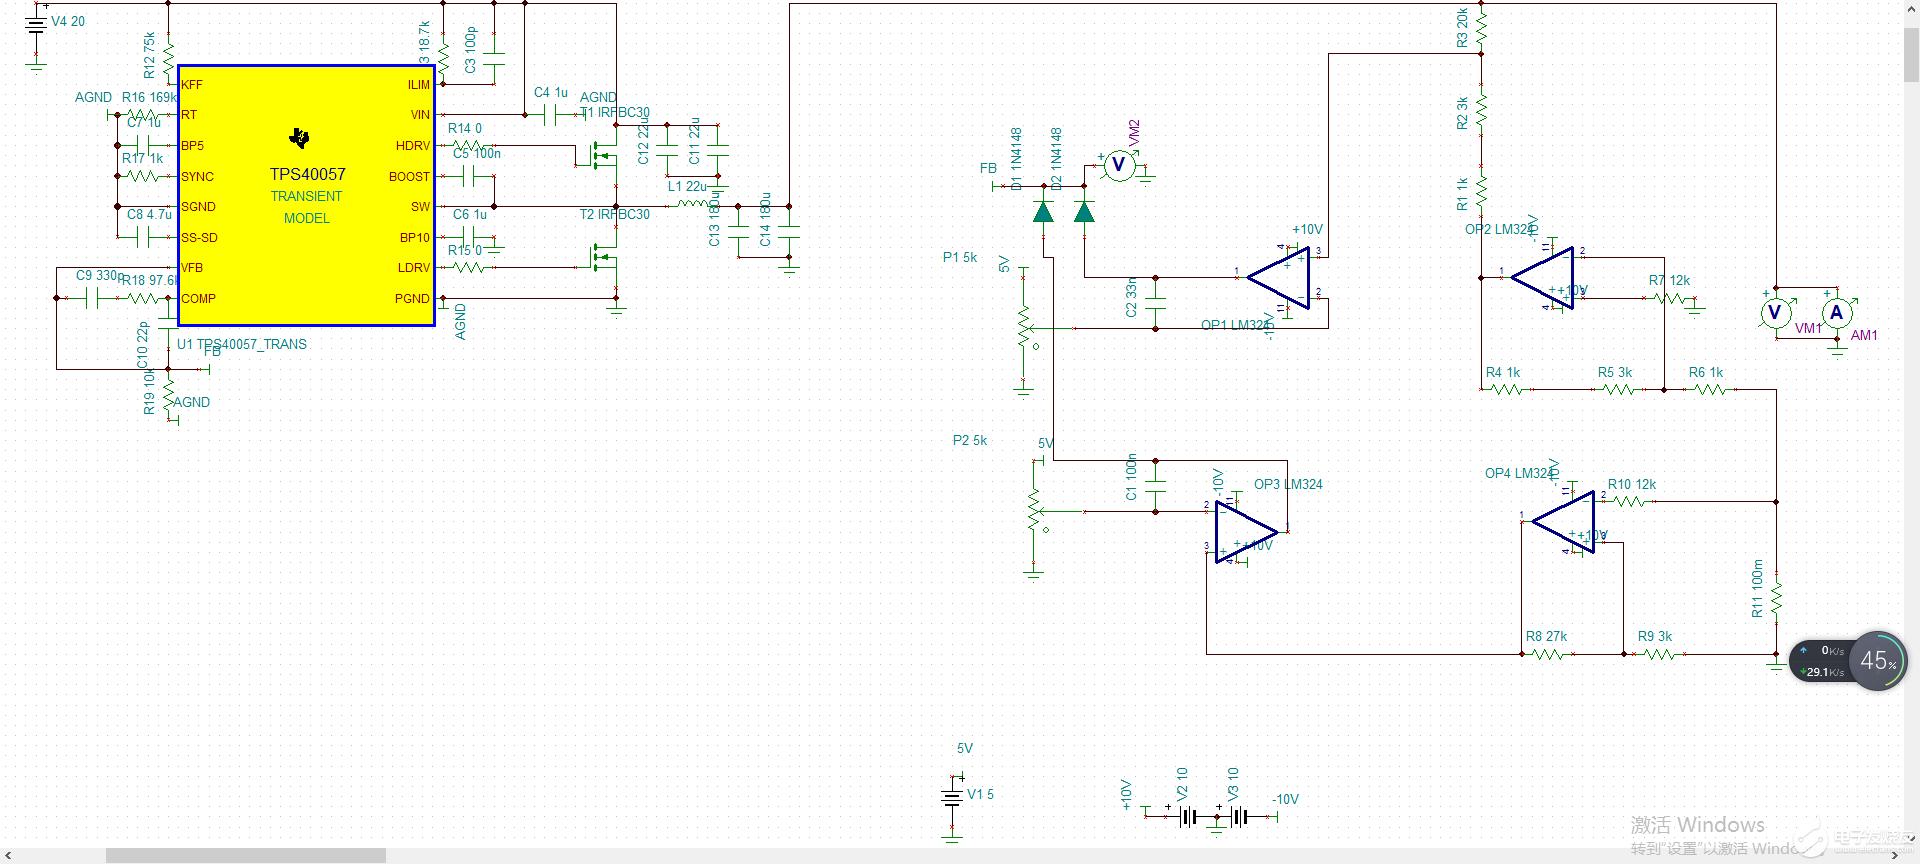 用TPS40057芯片做的仿真,仿真不了,提示U1错误,请各位大佬指点